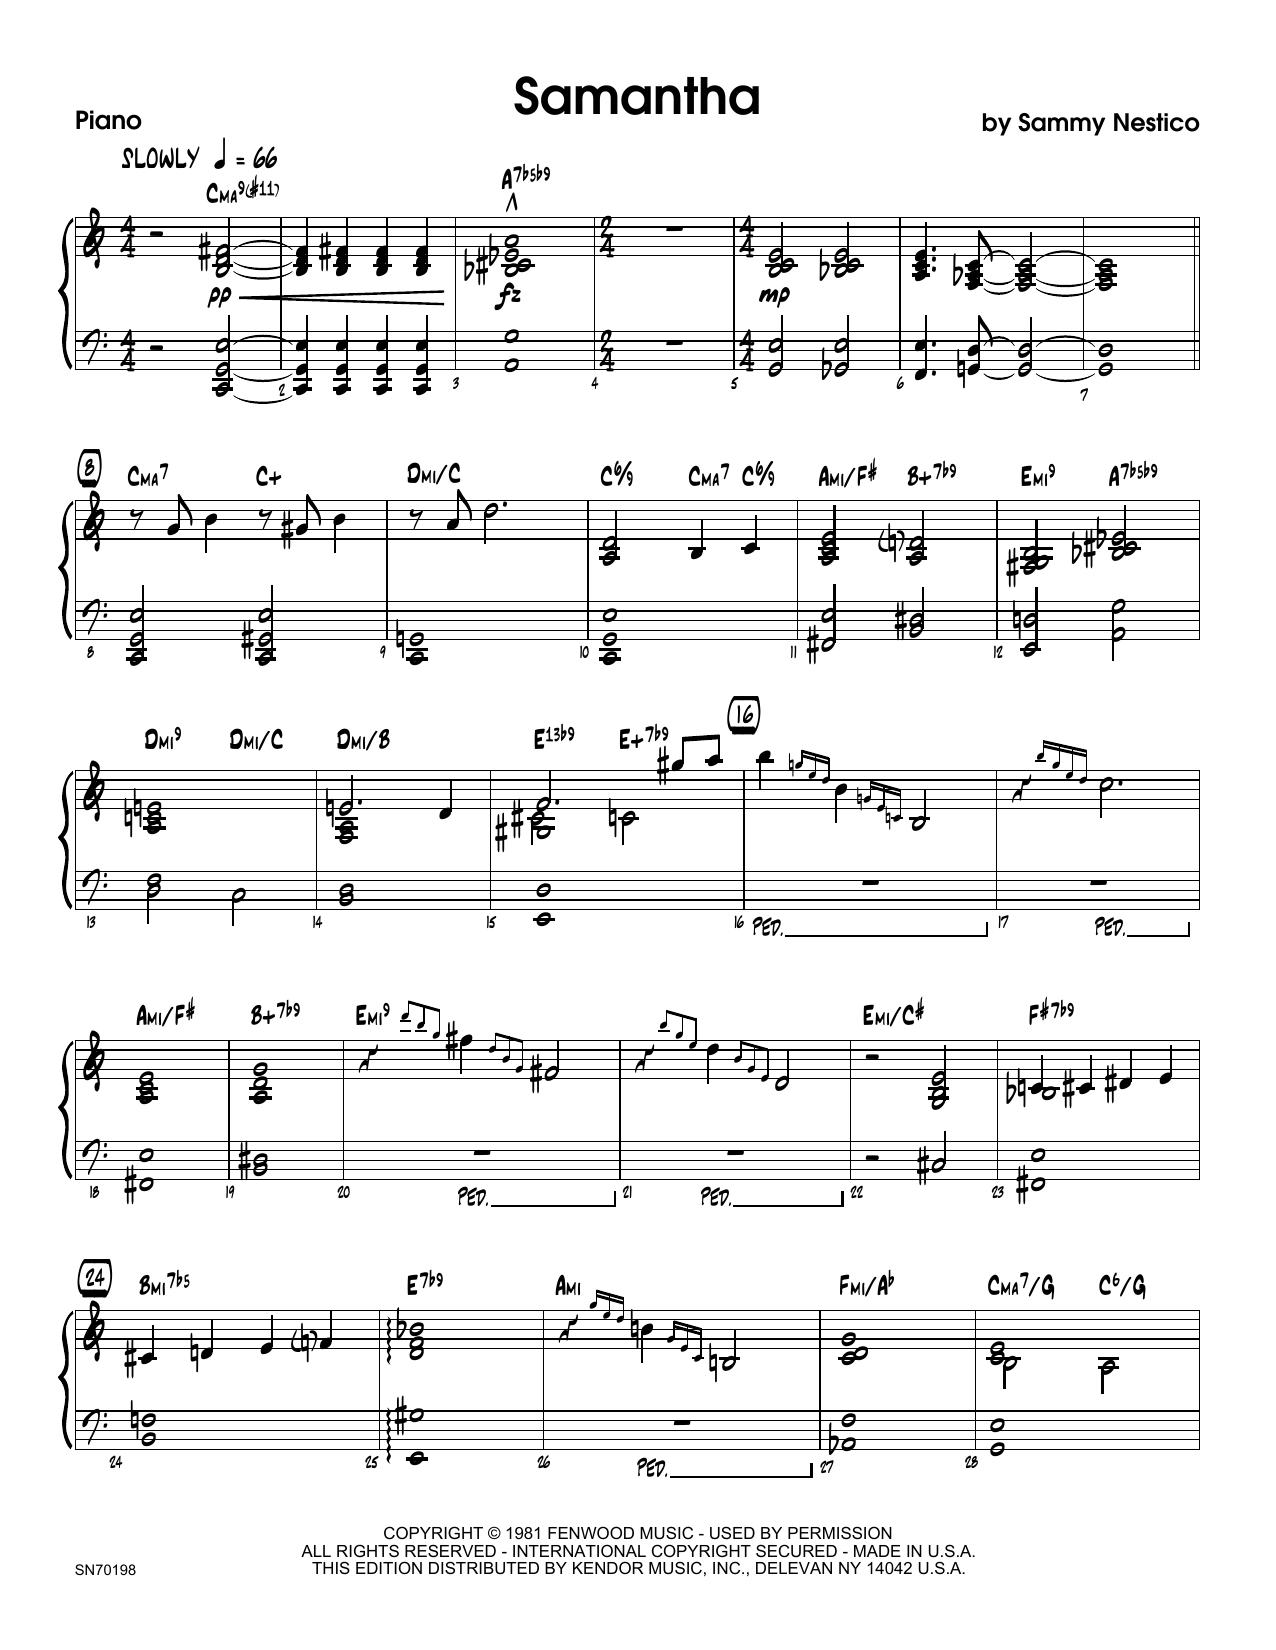 Samantha - Piano